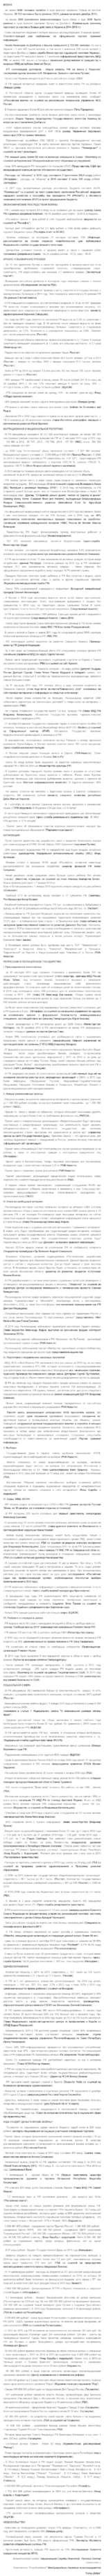 ВОЙНА не менее 9098 человек погибли в ходе военной кампании Путина на востоке Украины. 20 732 человека были ранены (ООН, данные на начало декабрь 2015). - не менее 2000 российских военнослужащих были убиты и ещё 3000 были ранены в ходе военной кампании Путина на Донбассе (Компенсация военному пер